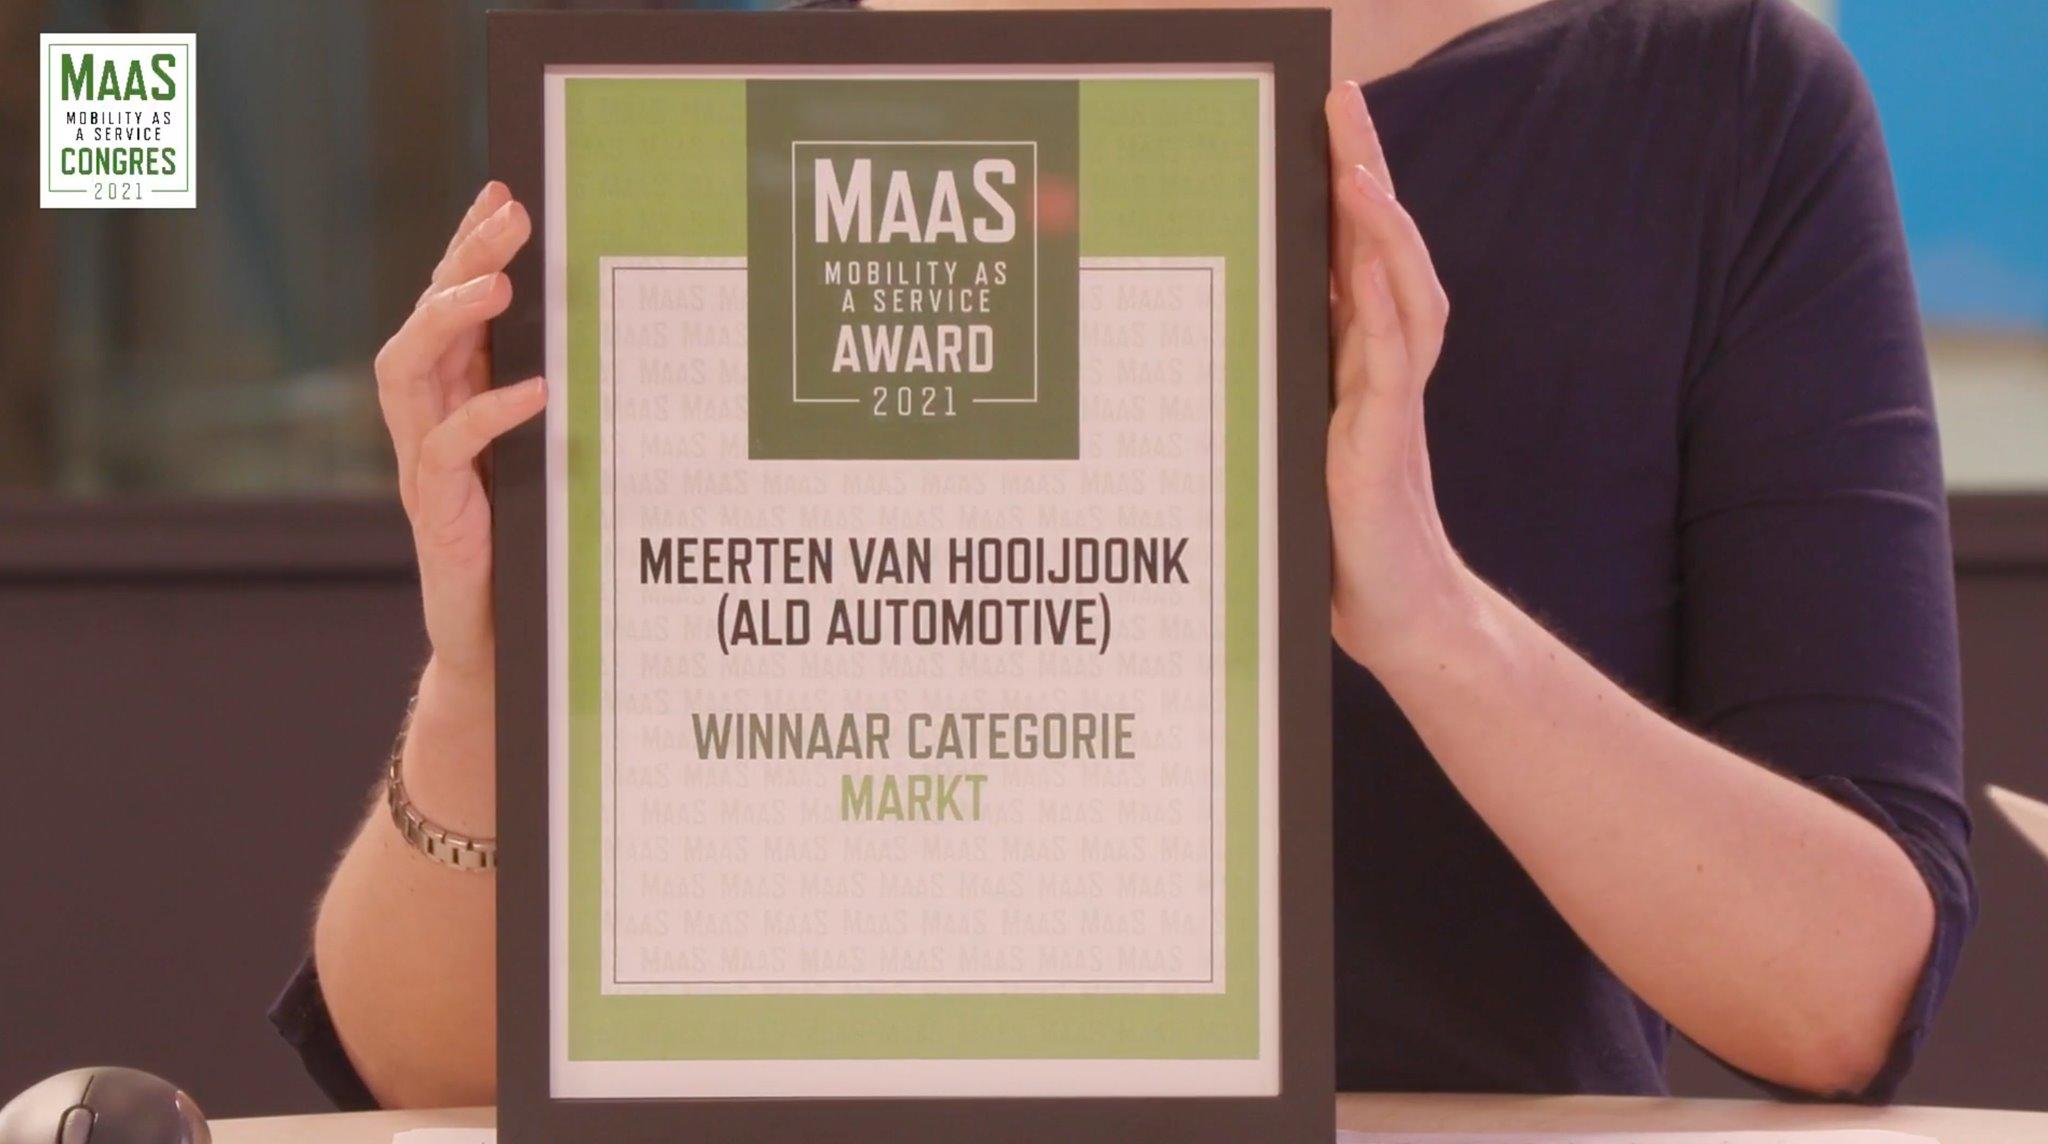 MaaS Awards Meerten van Hooijdonk